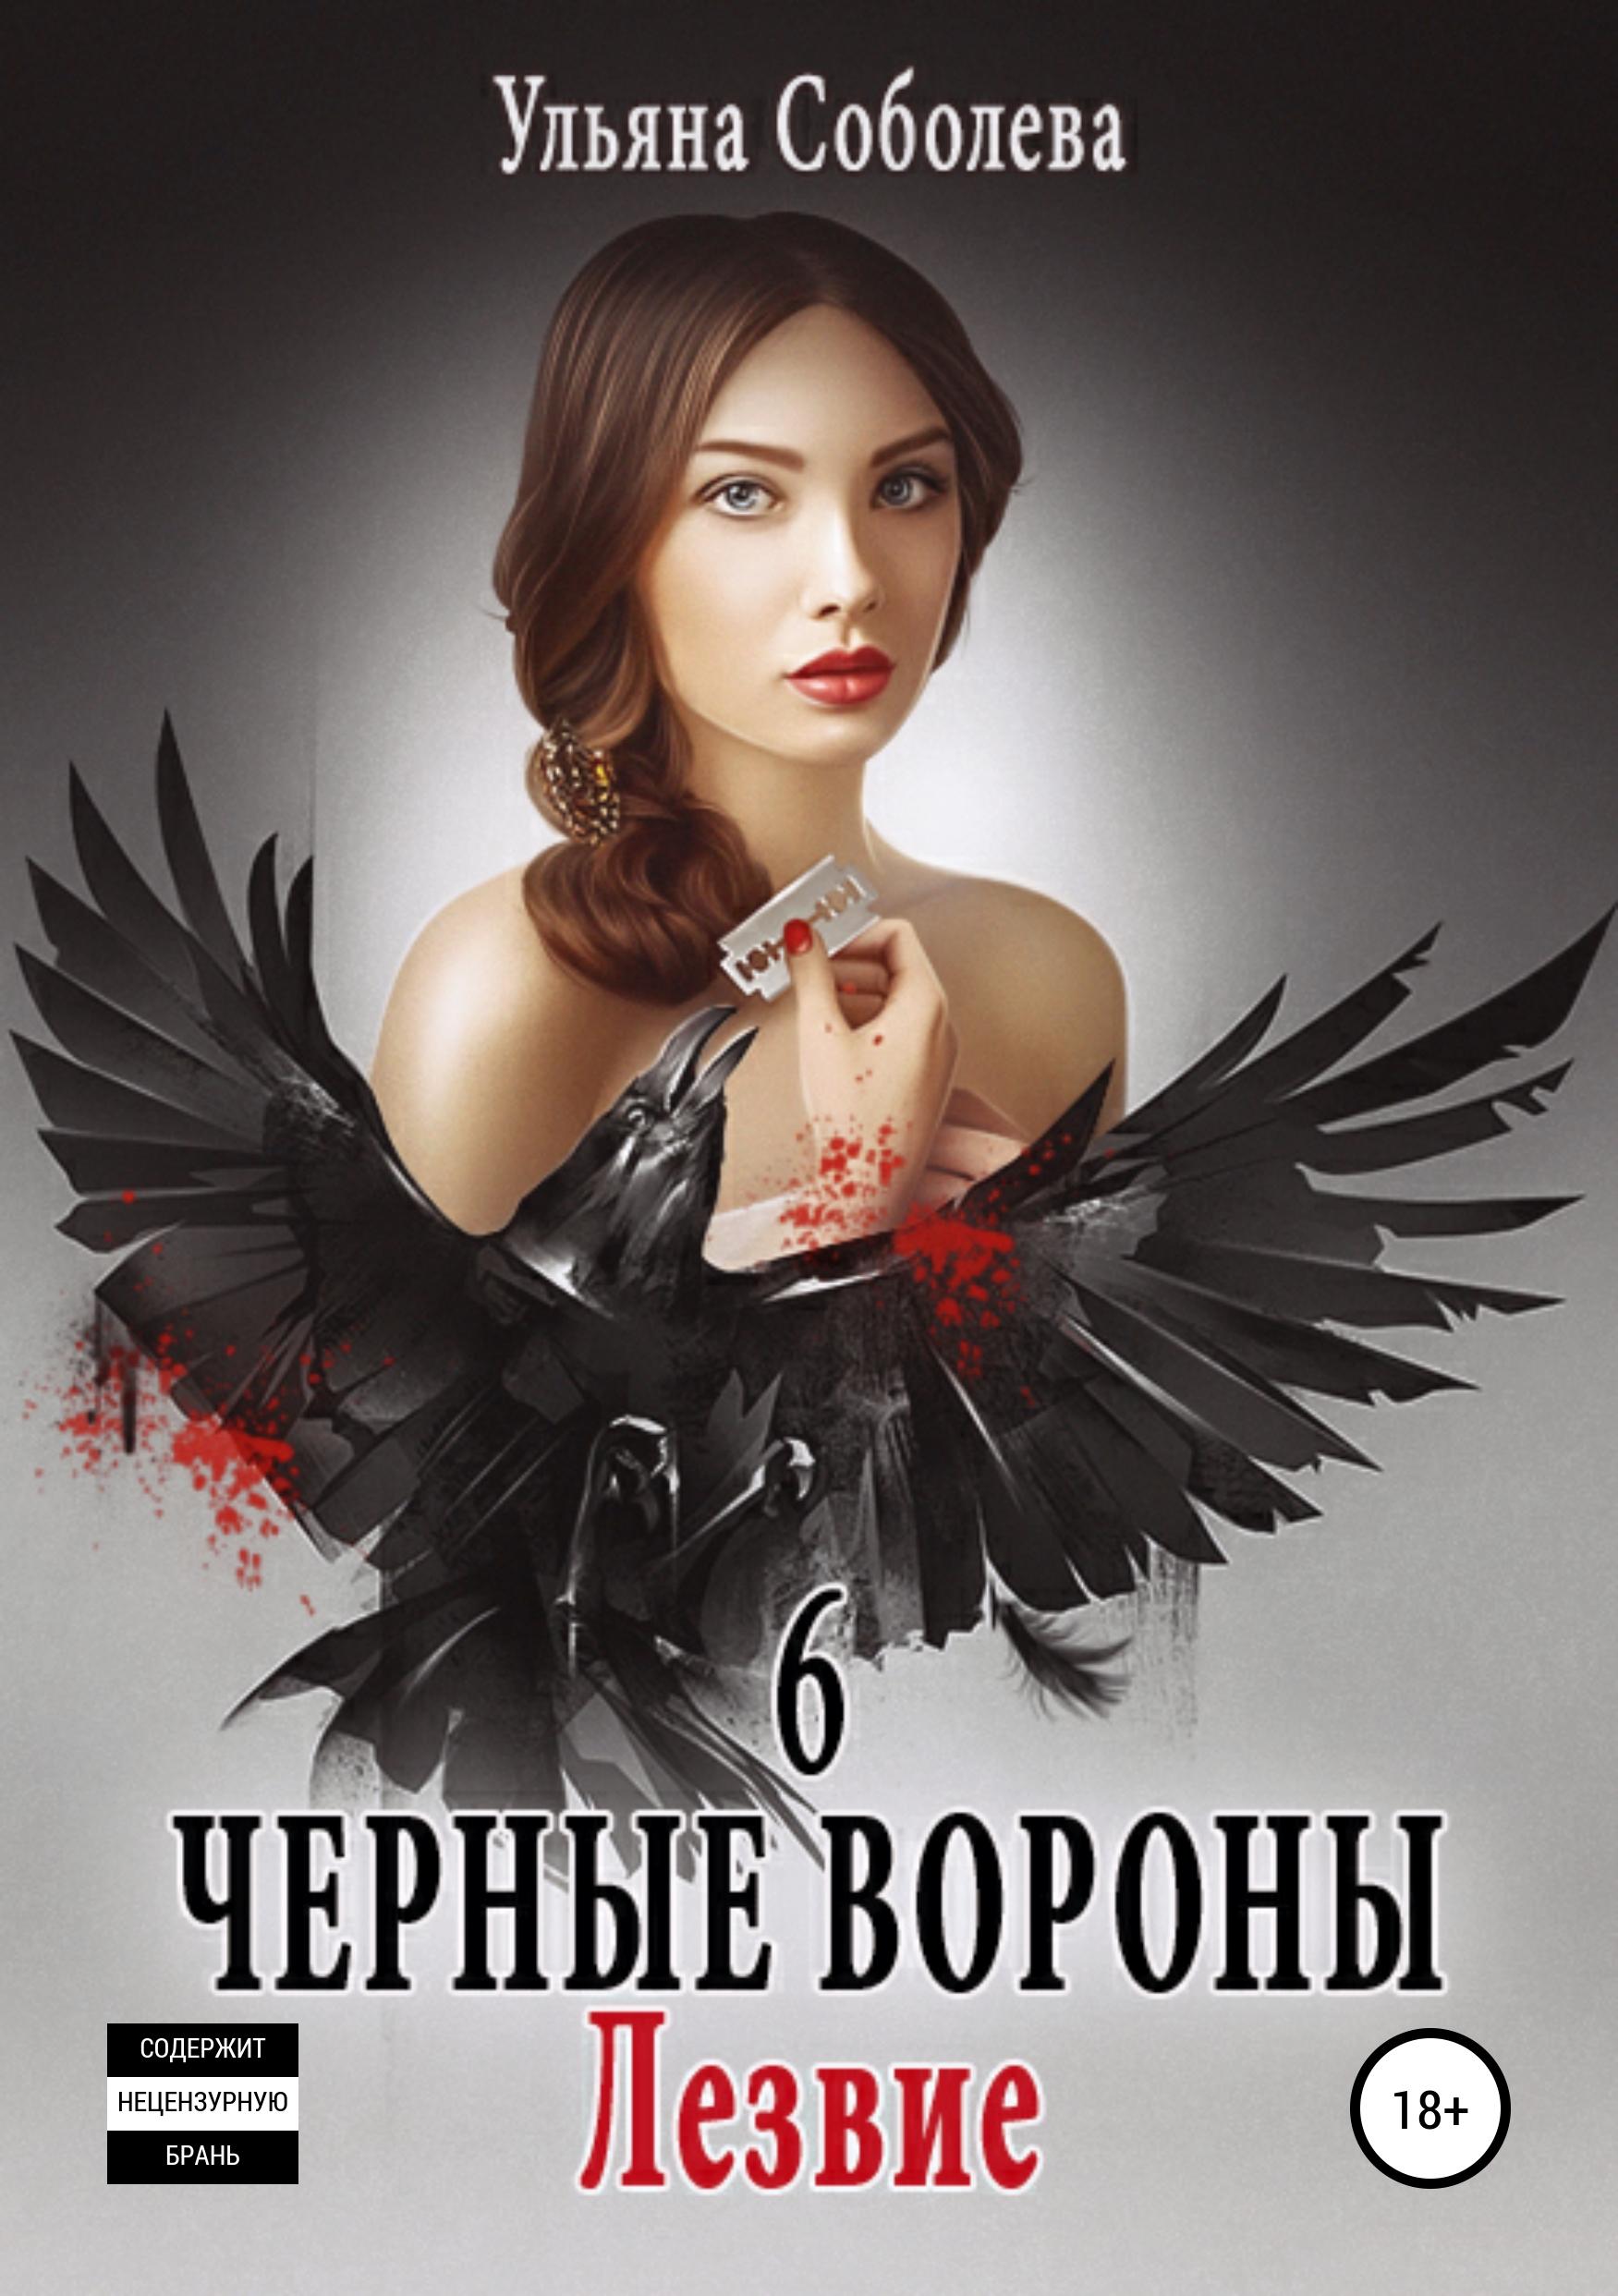 Ульяна Павловна Соболева Черные вороны 6. Лезвие цена и фото